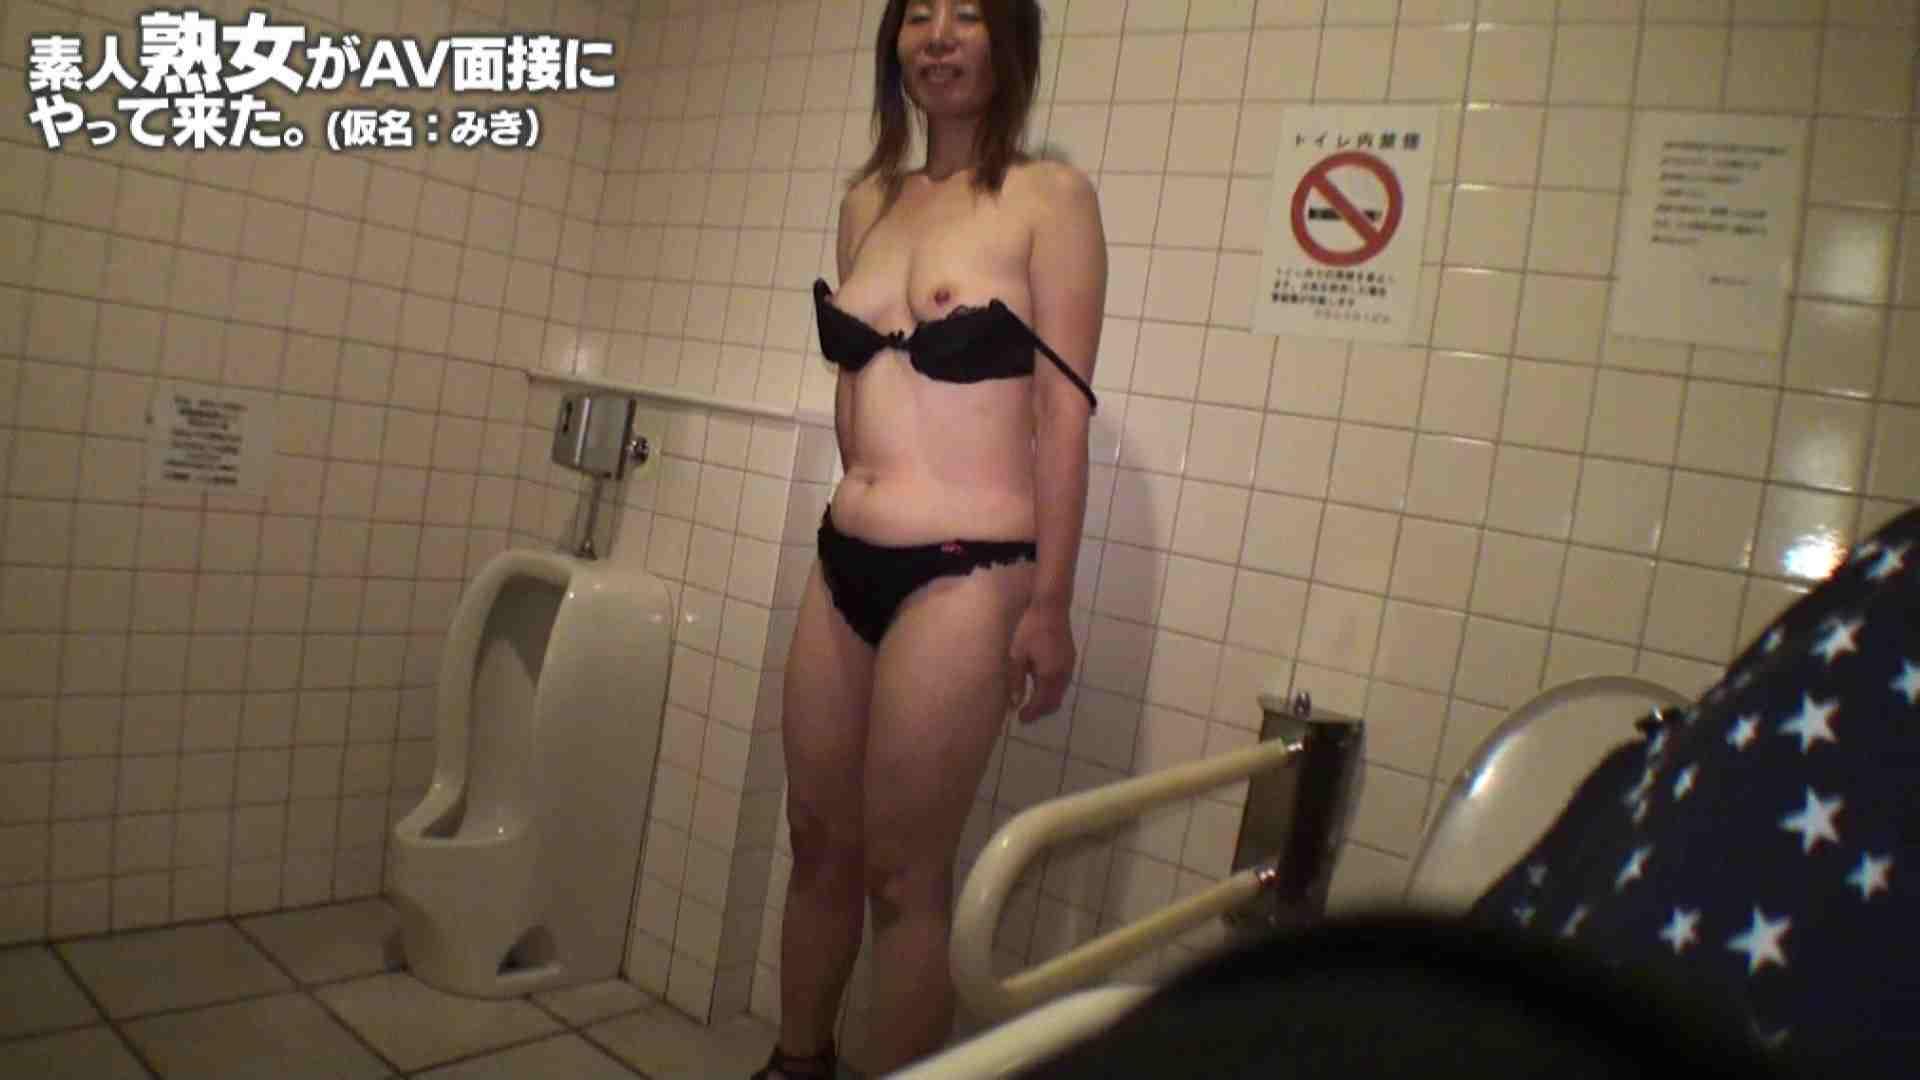 素人熟女がAV面接にやってきた (熟女)みきさんVOL.03 熟女のエッチ オメコ動画キャプチャ 105pic 67